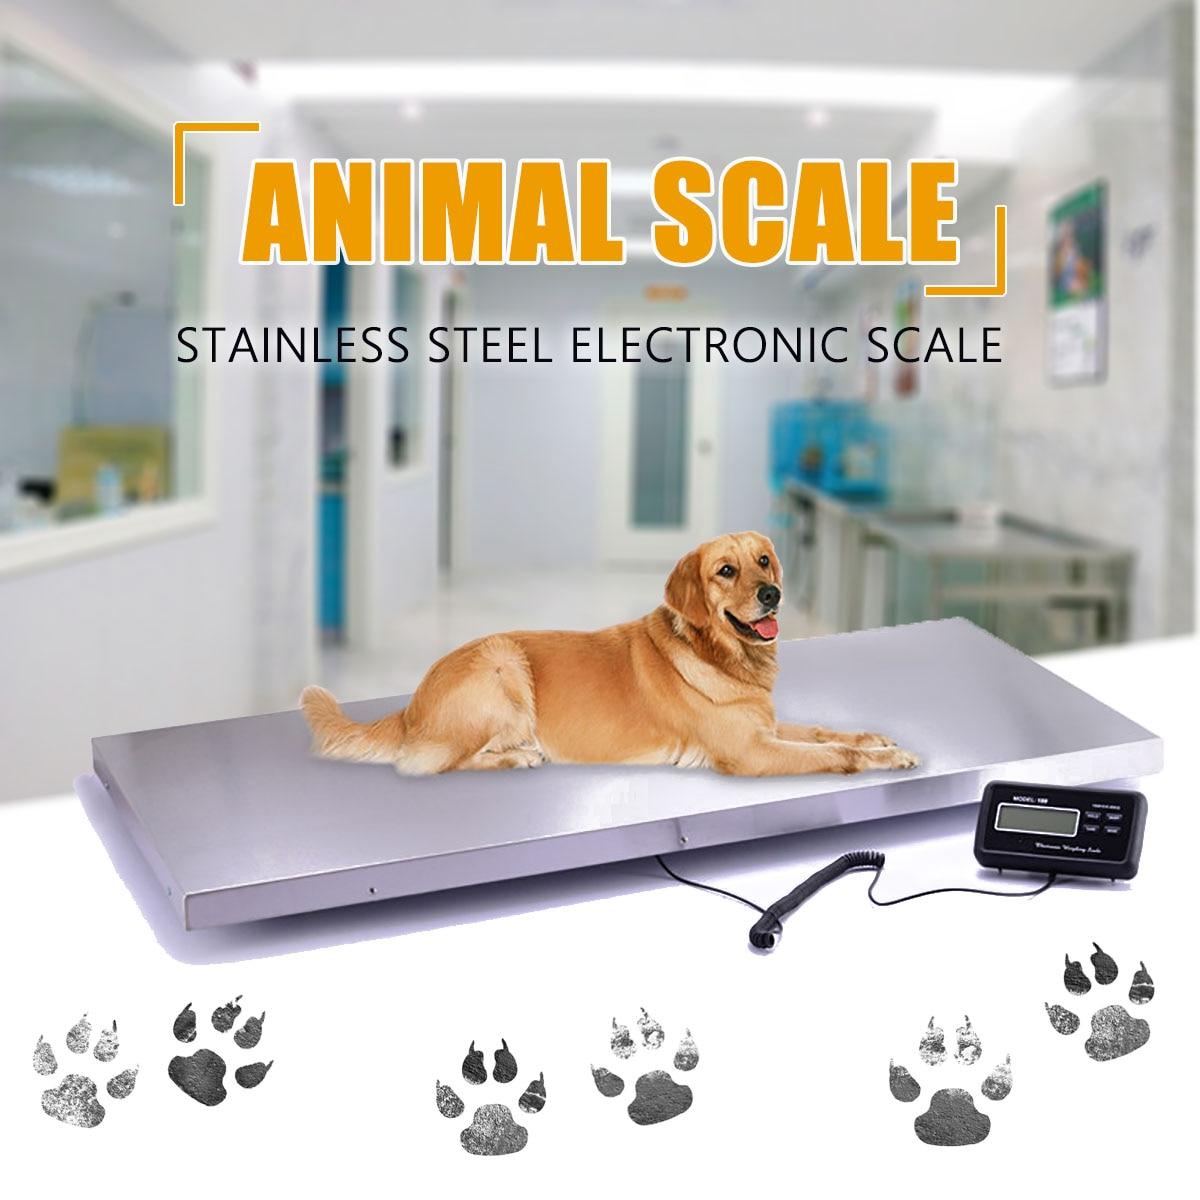 Balanza electrónica para el suelo peso de banco comercial/veterinario básculas de plataforma Digital Animal/paquete báscula de plataforma 300 kg